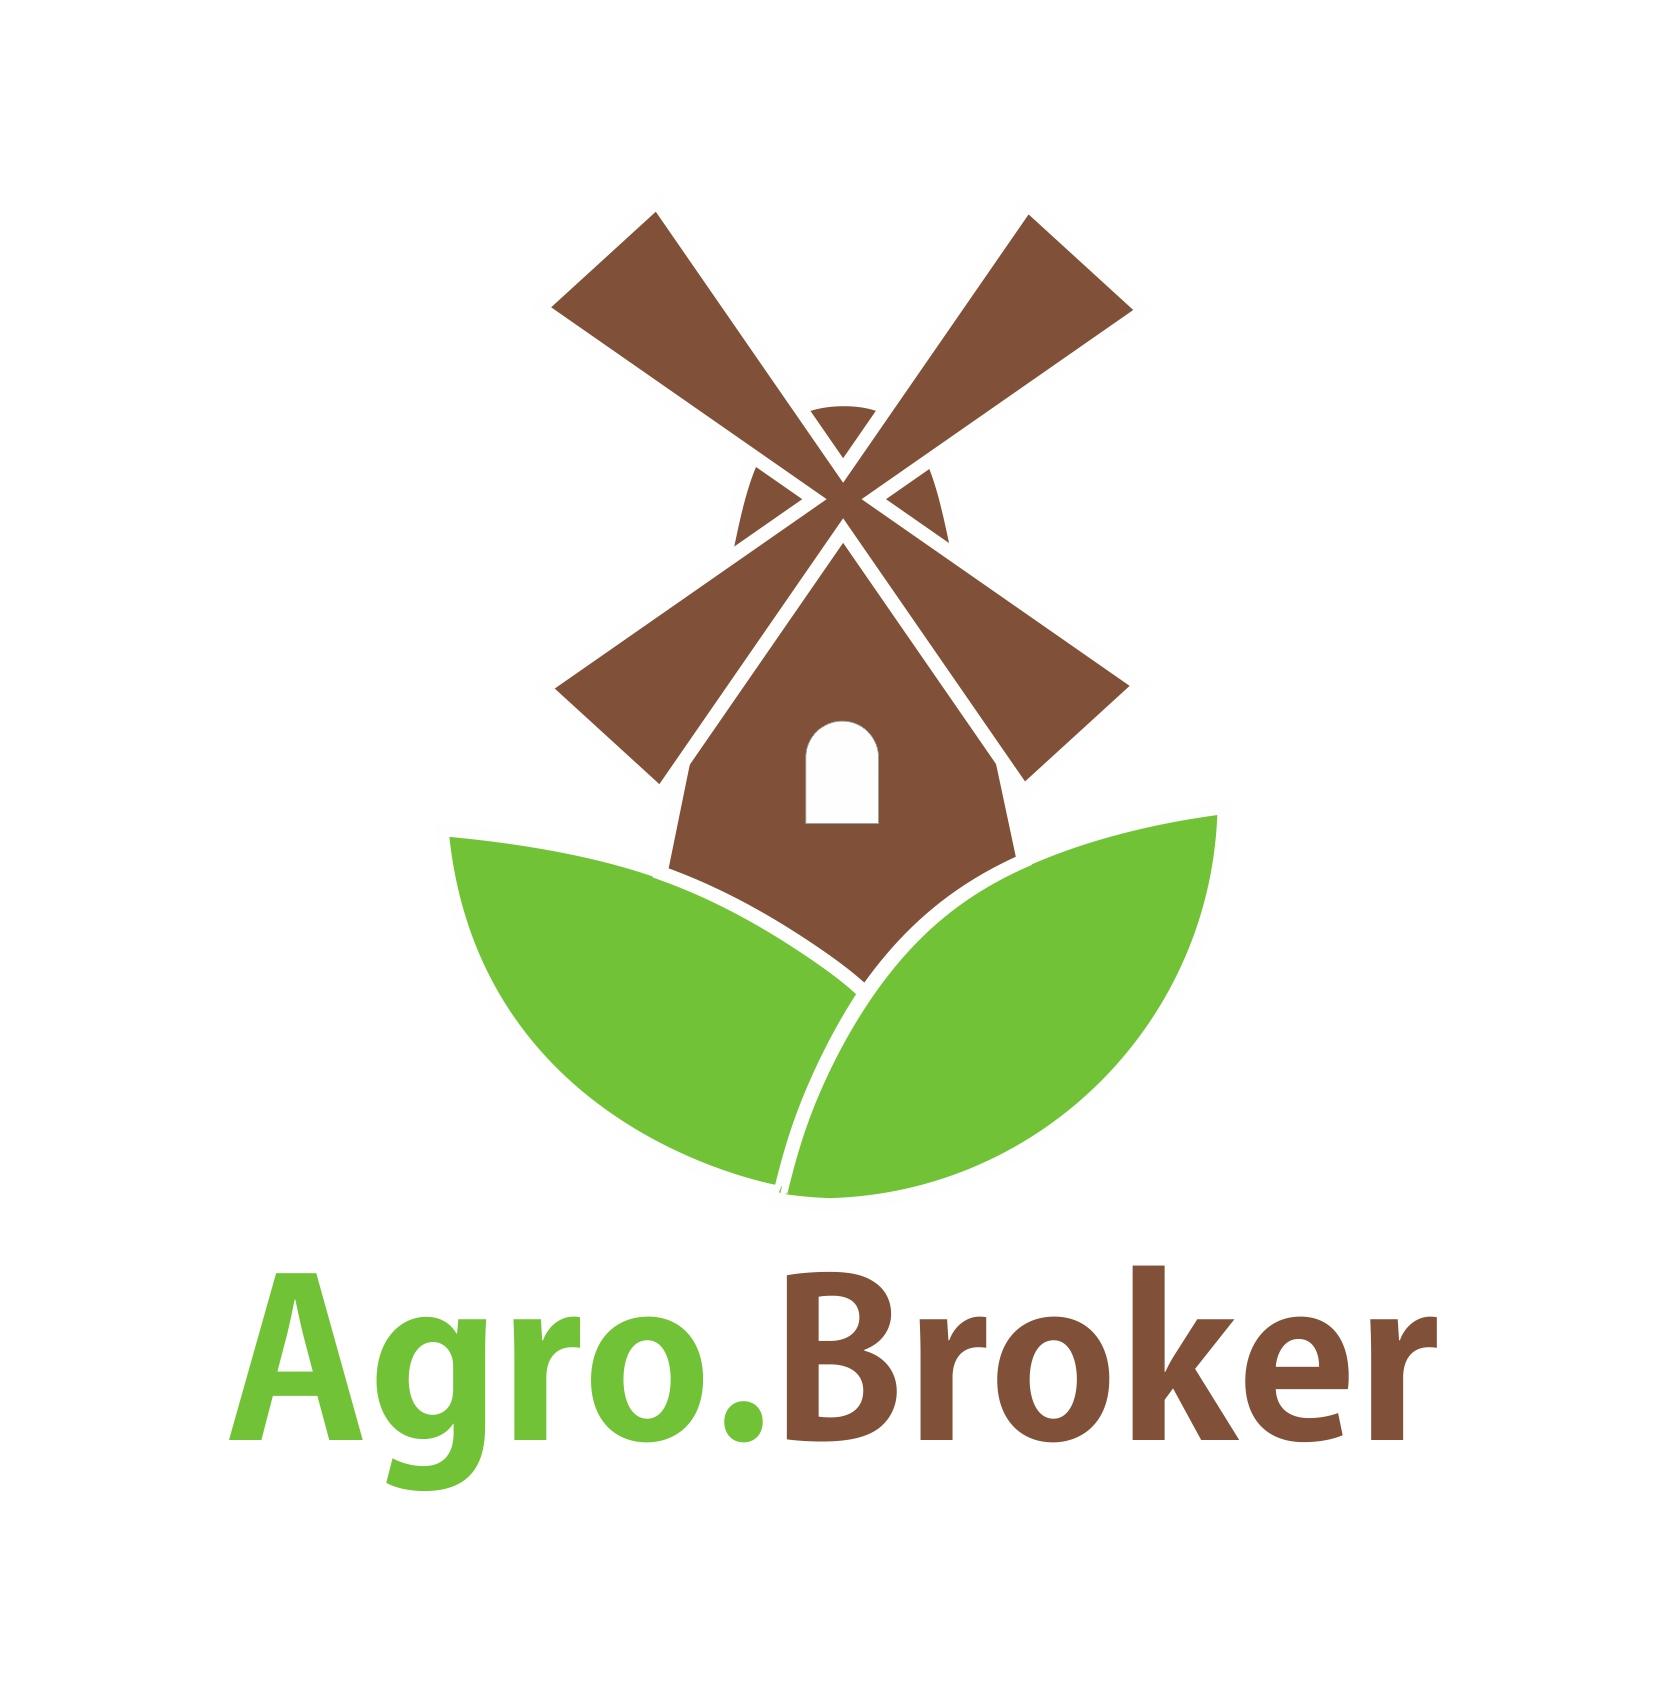 ТЗ на разработку пакета айдентики Agro.Broker фото f_50159675ea40c267.jpg